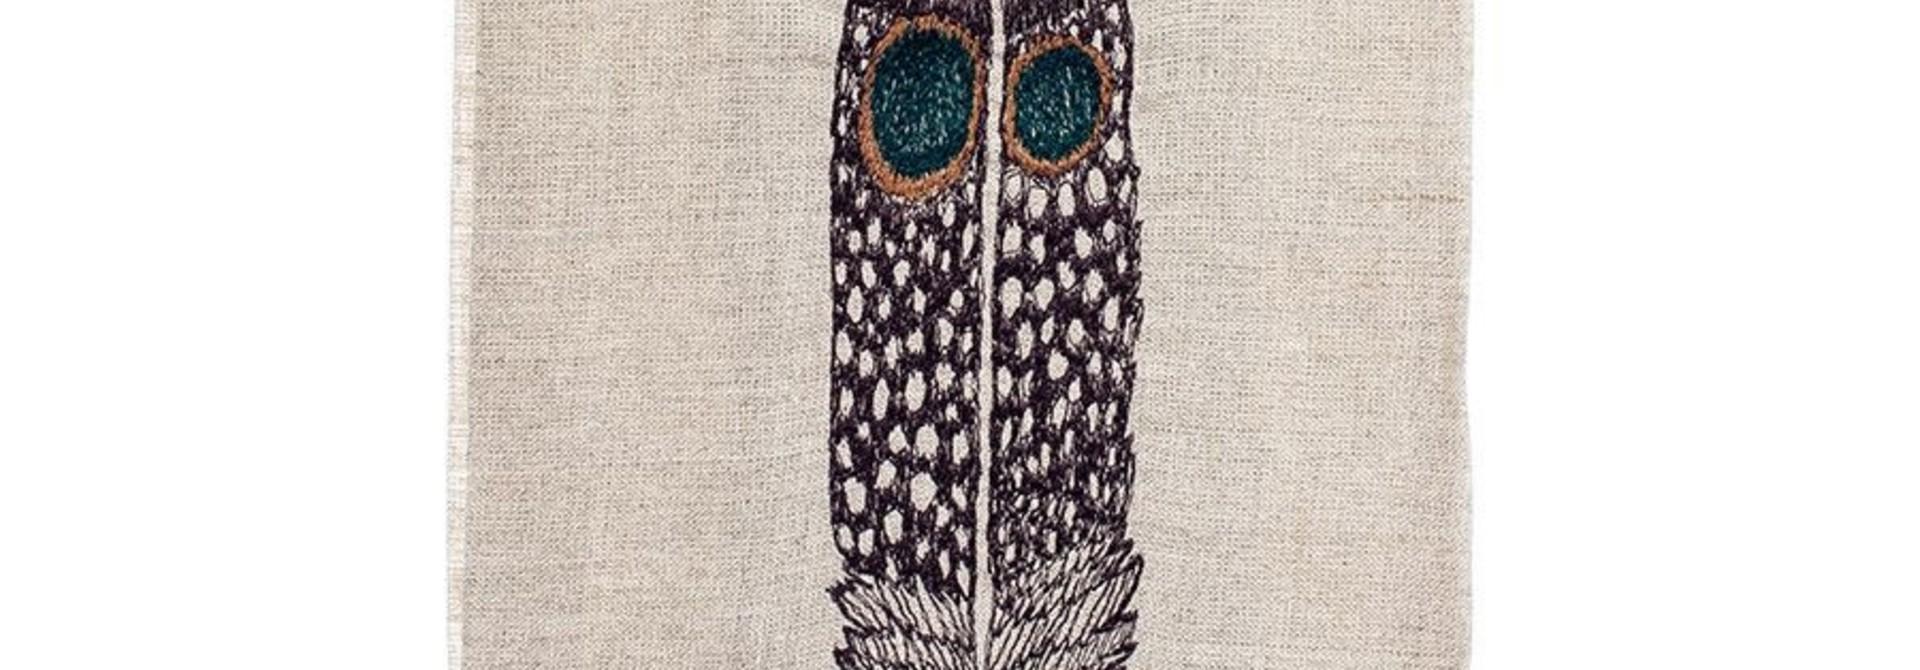 Tea Towel - Owl Feather